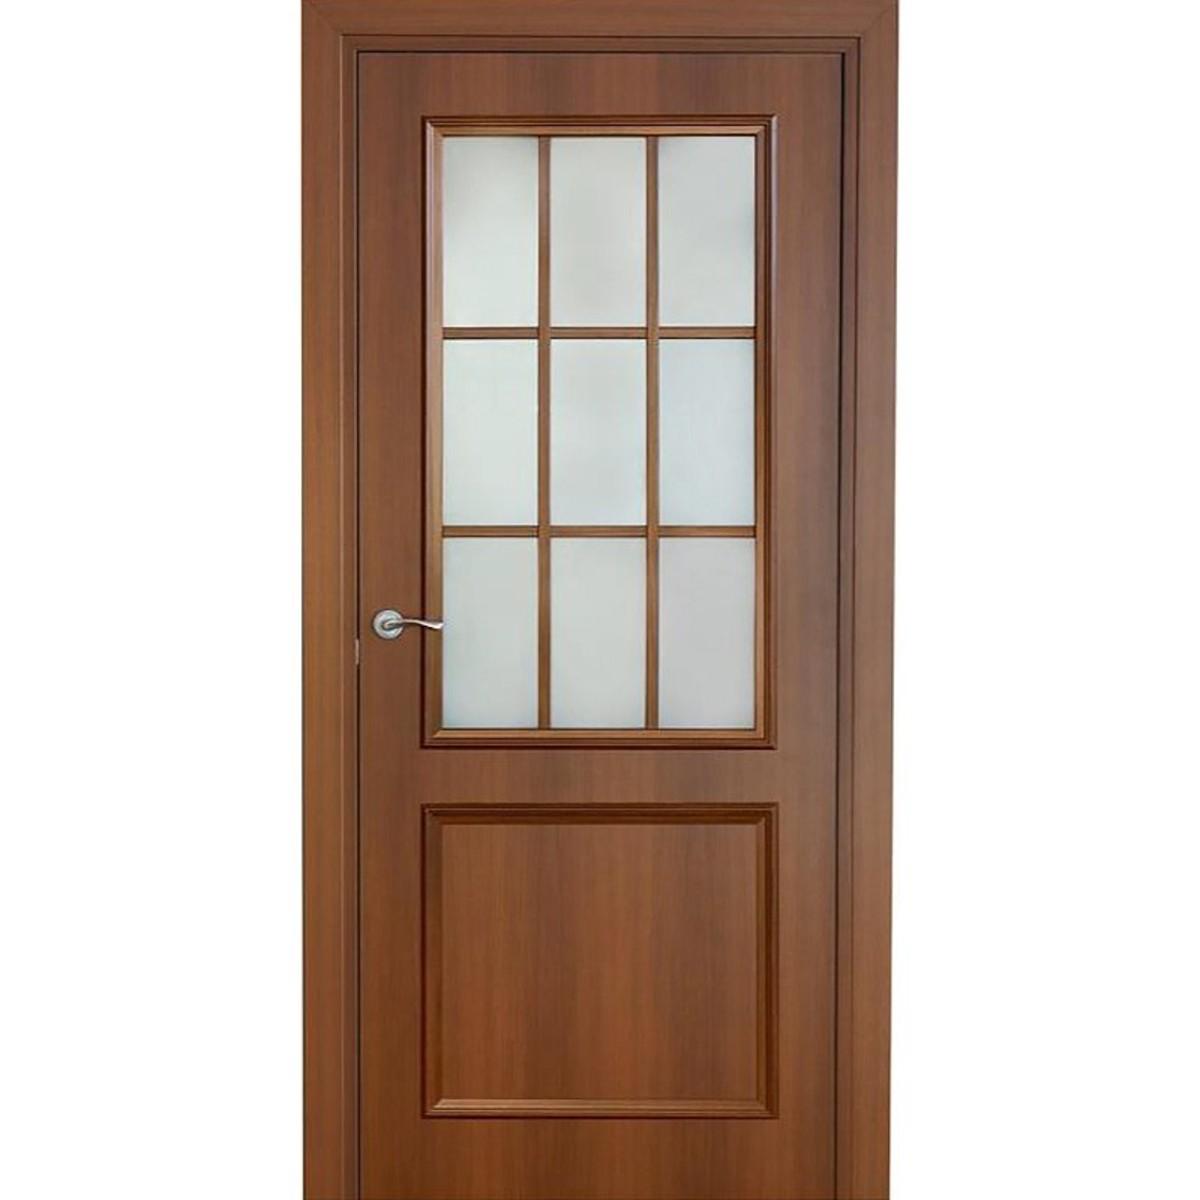 Дверь межкомнатная остеклённая Altro 70x200 см ламинация цвет орех